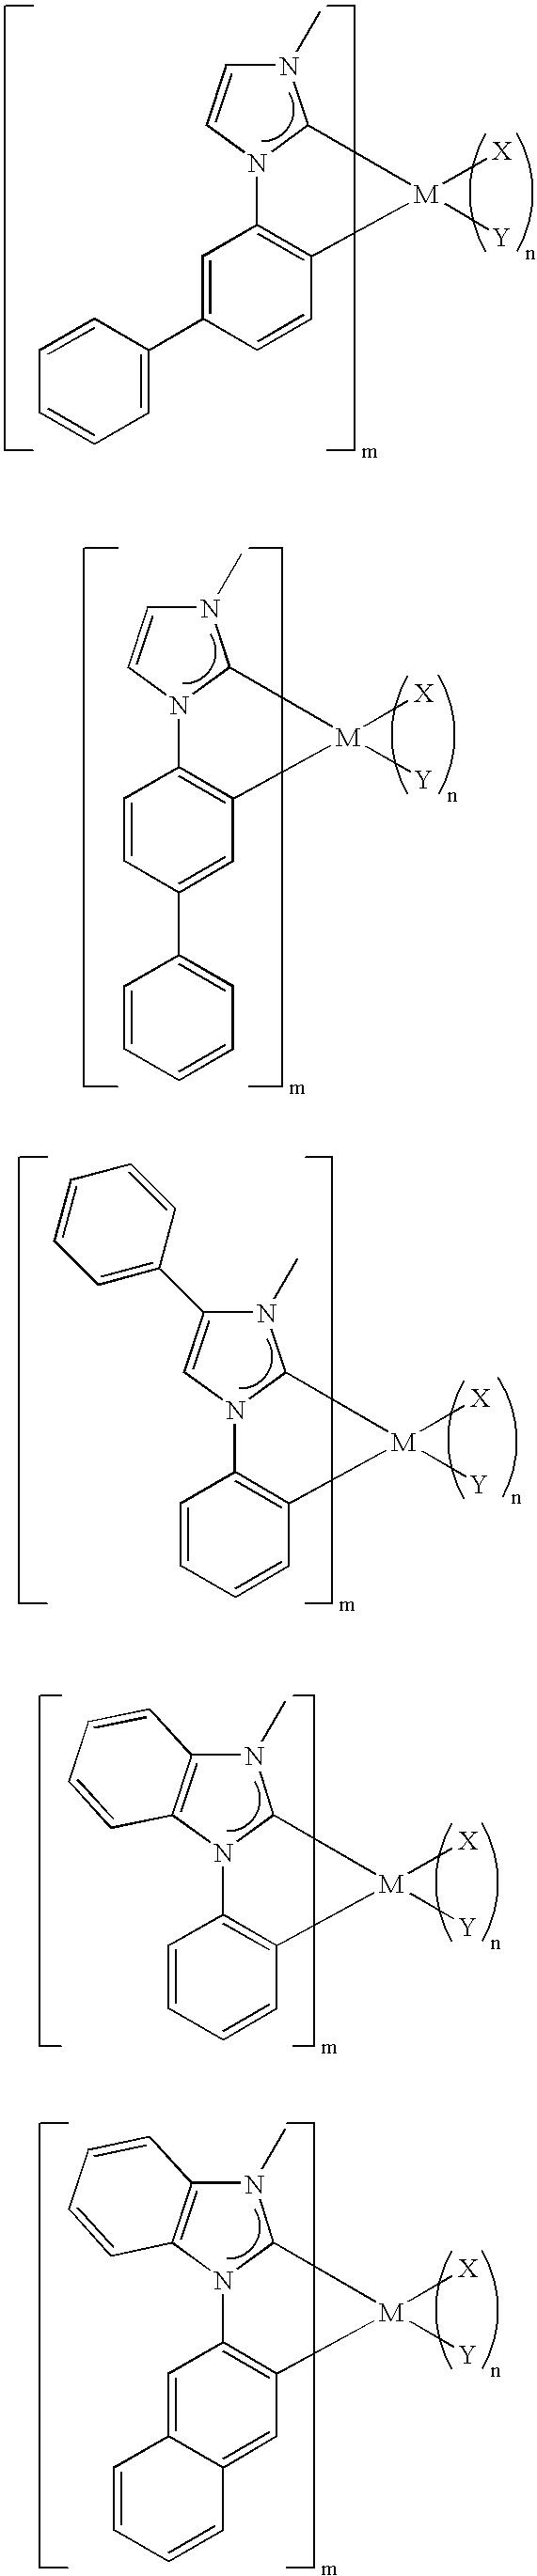 Figure US20050260441A1-20051124-C00029